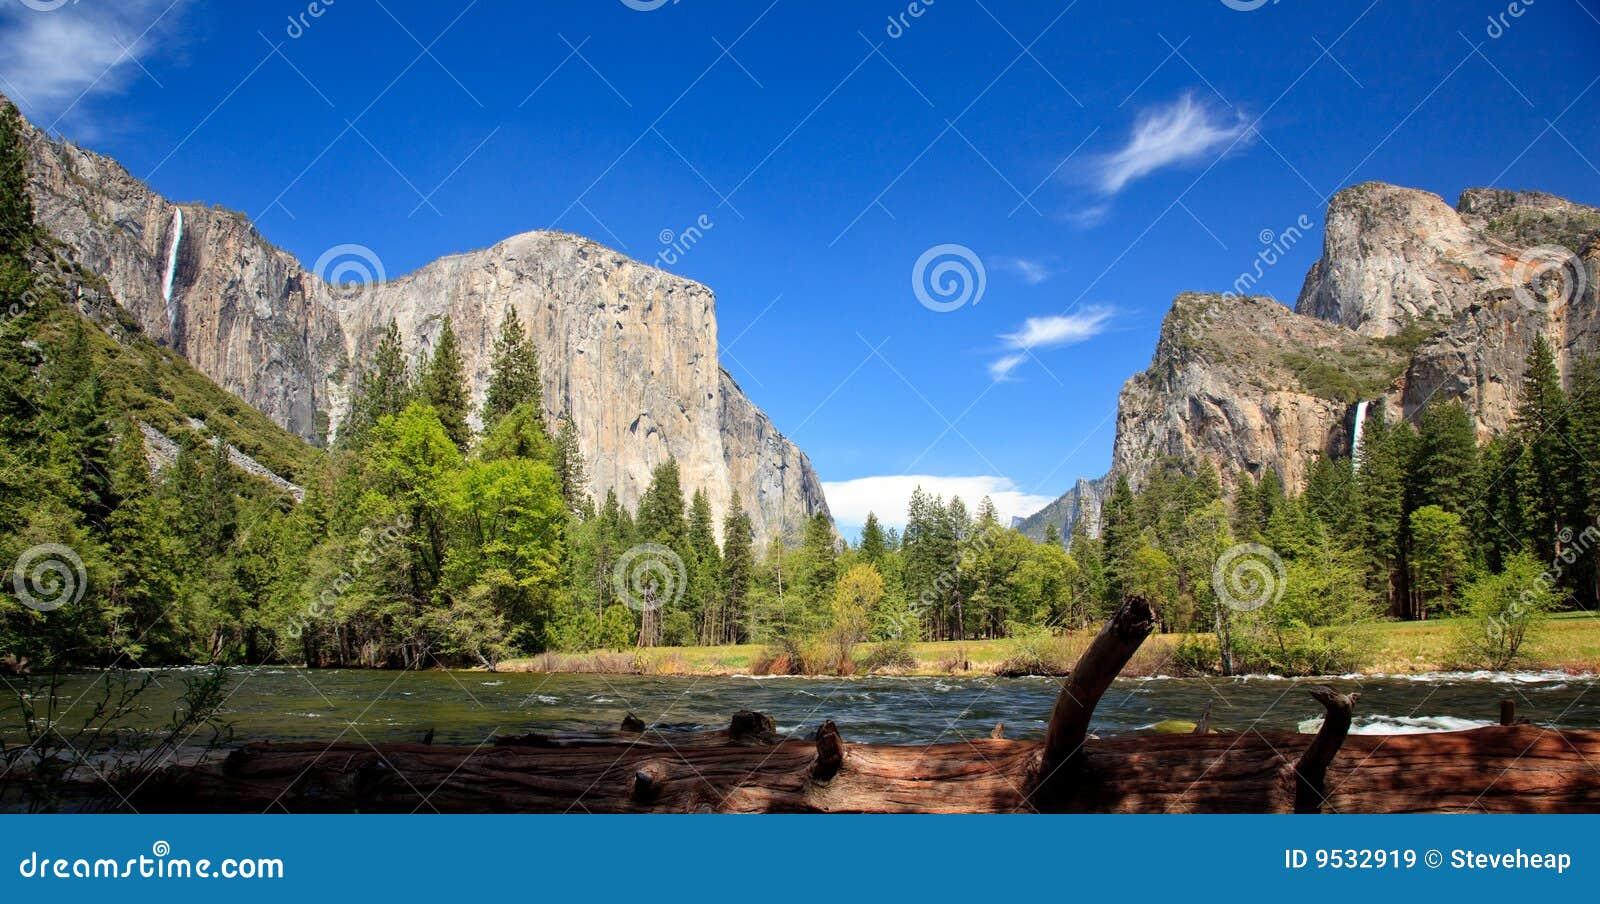 Log framing Yosemite Valley